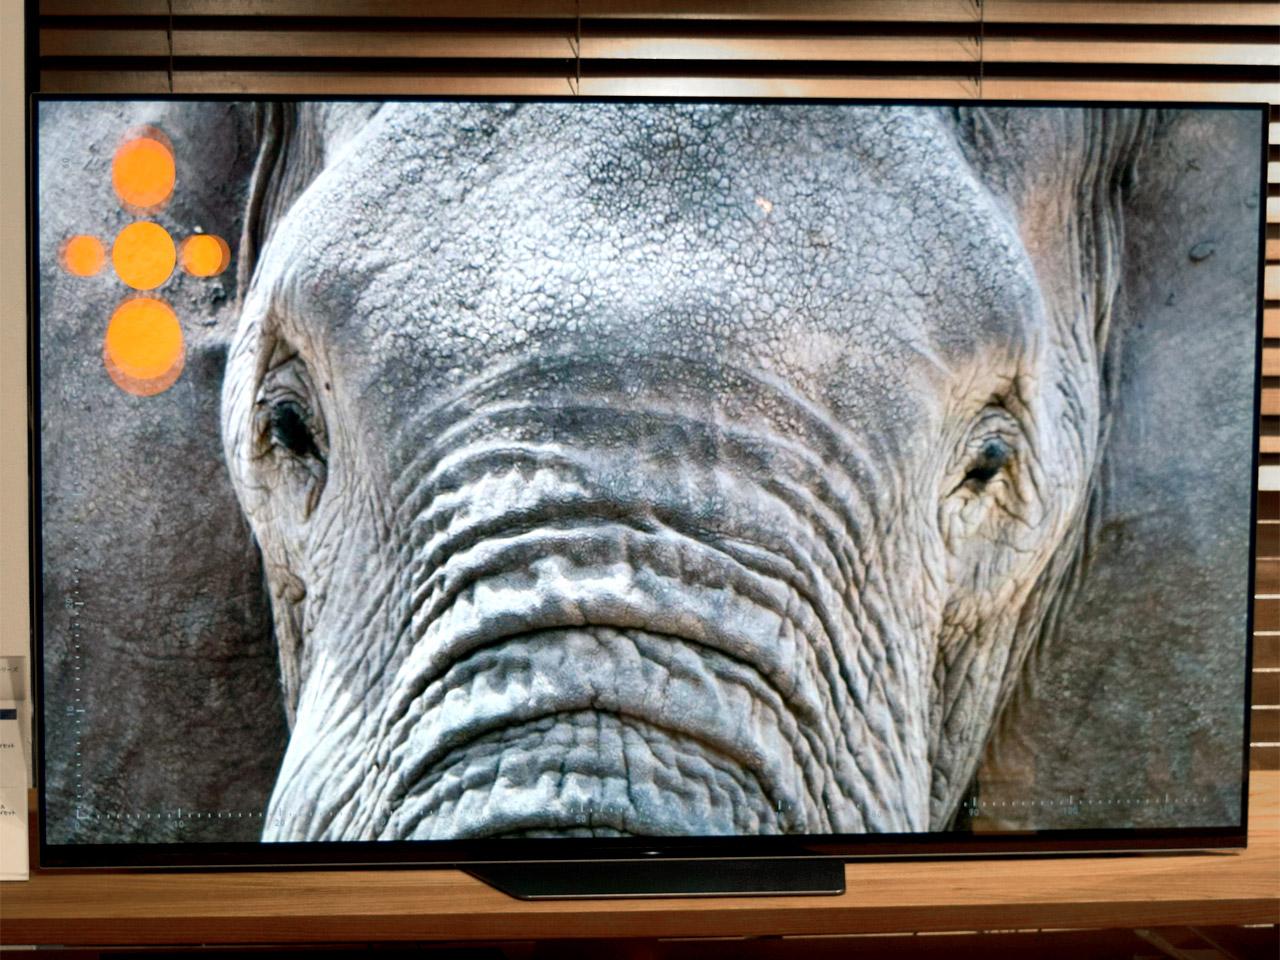 A8Fシリーズの画面にアフリカゾウの実寸が映し出された様子